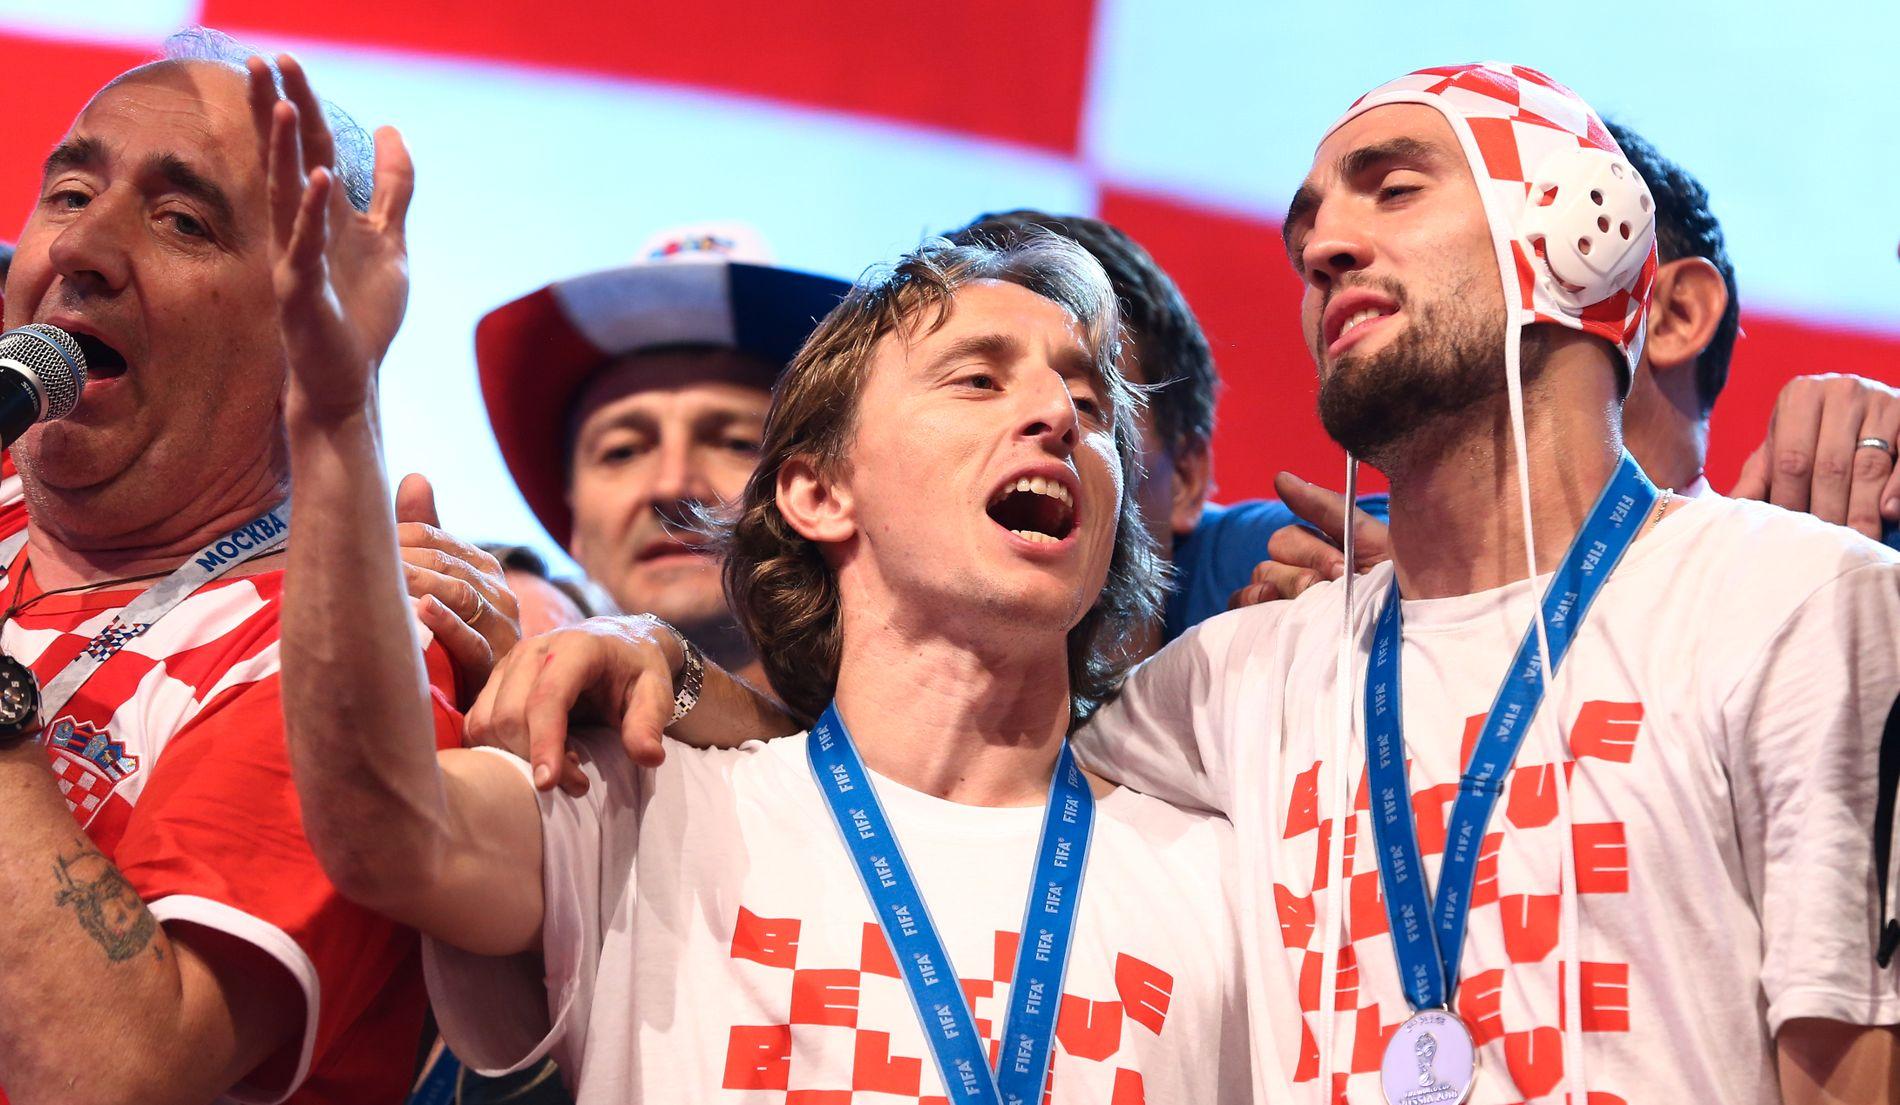 PÅ VEI VEKK? Både Luka Modric (t.v.) og Mateo Kovacic (t.h.) - som her feirer Kroatias VM-suksess (sølv) - skal ønske seg bort fra Real Madrid, ifølge spansk sportspresse.